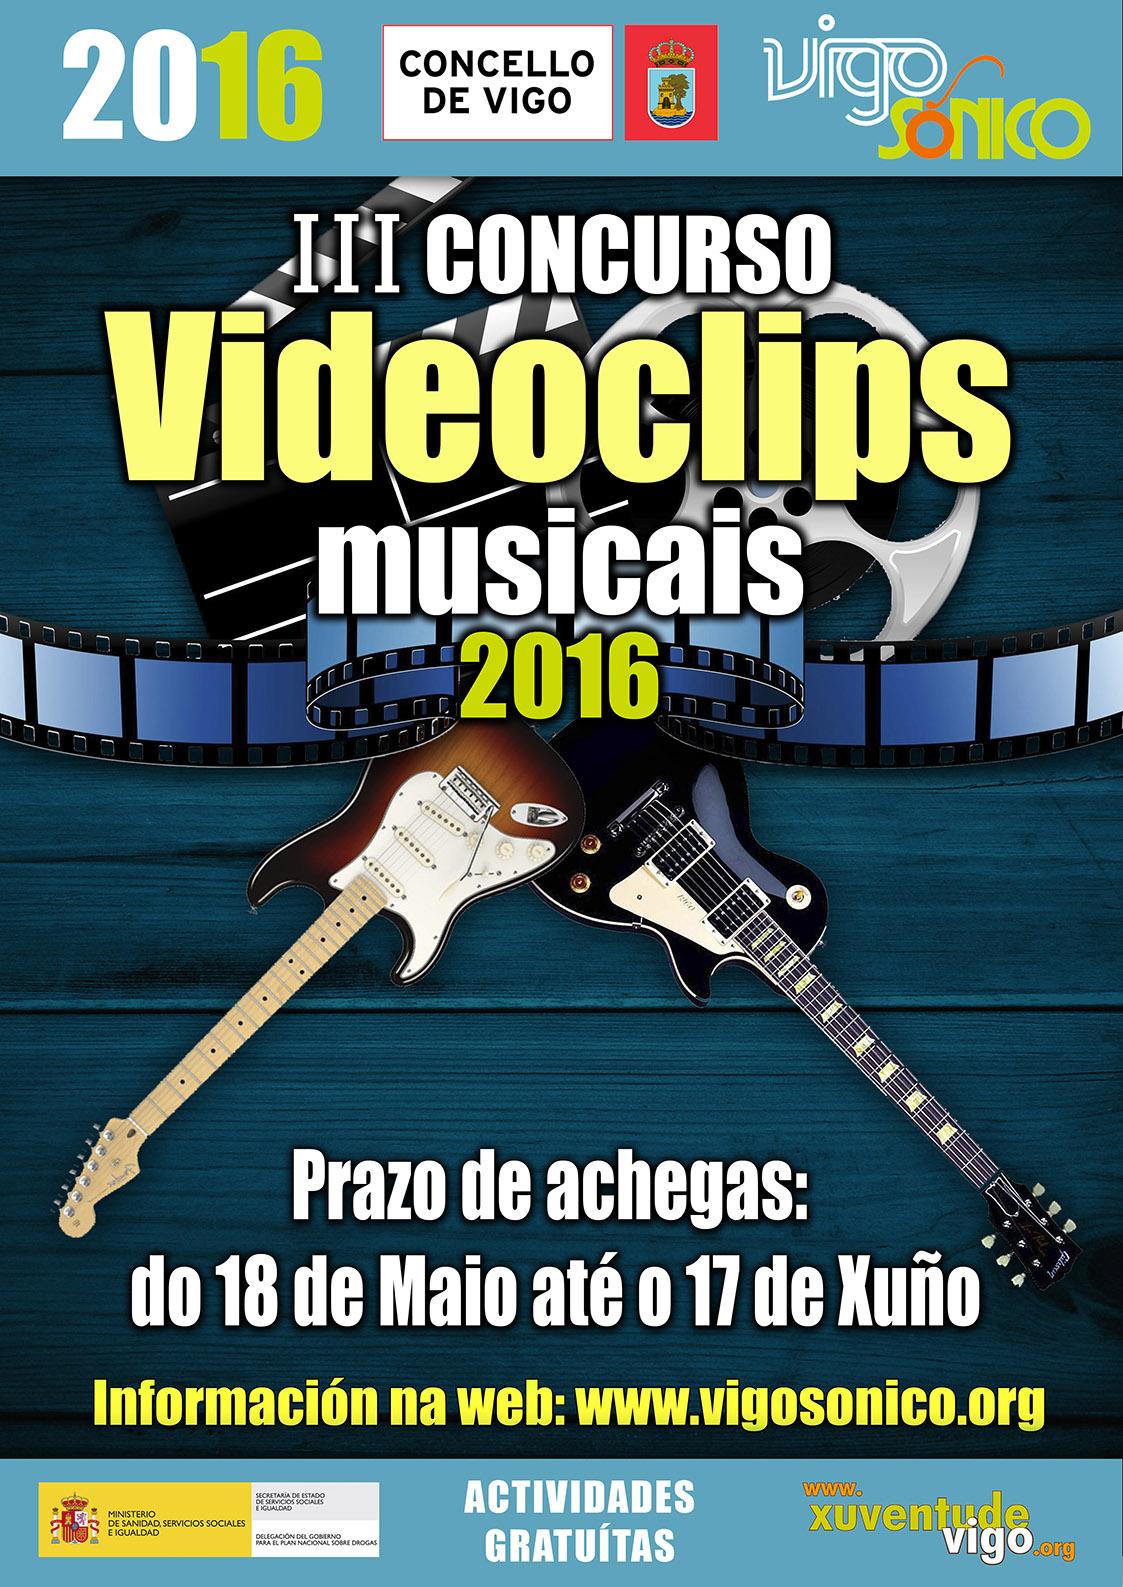 Concurso VideoClips musicais VigoSónico 2016:votacións.